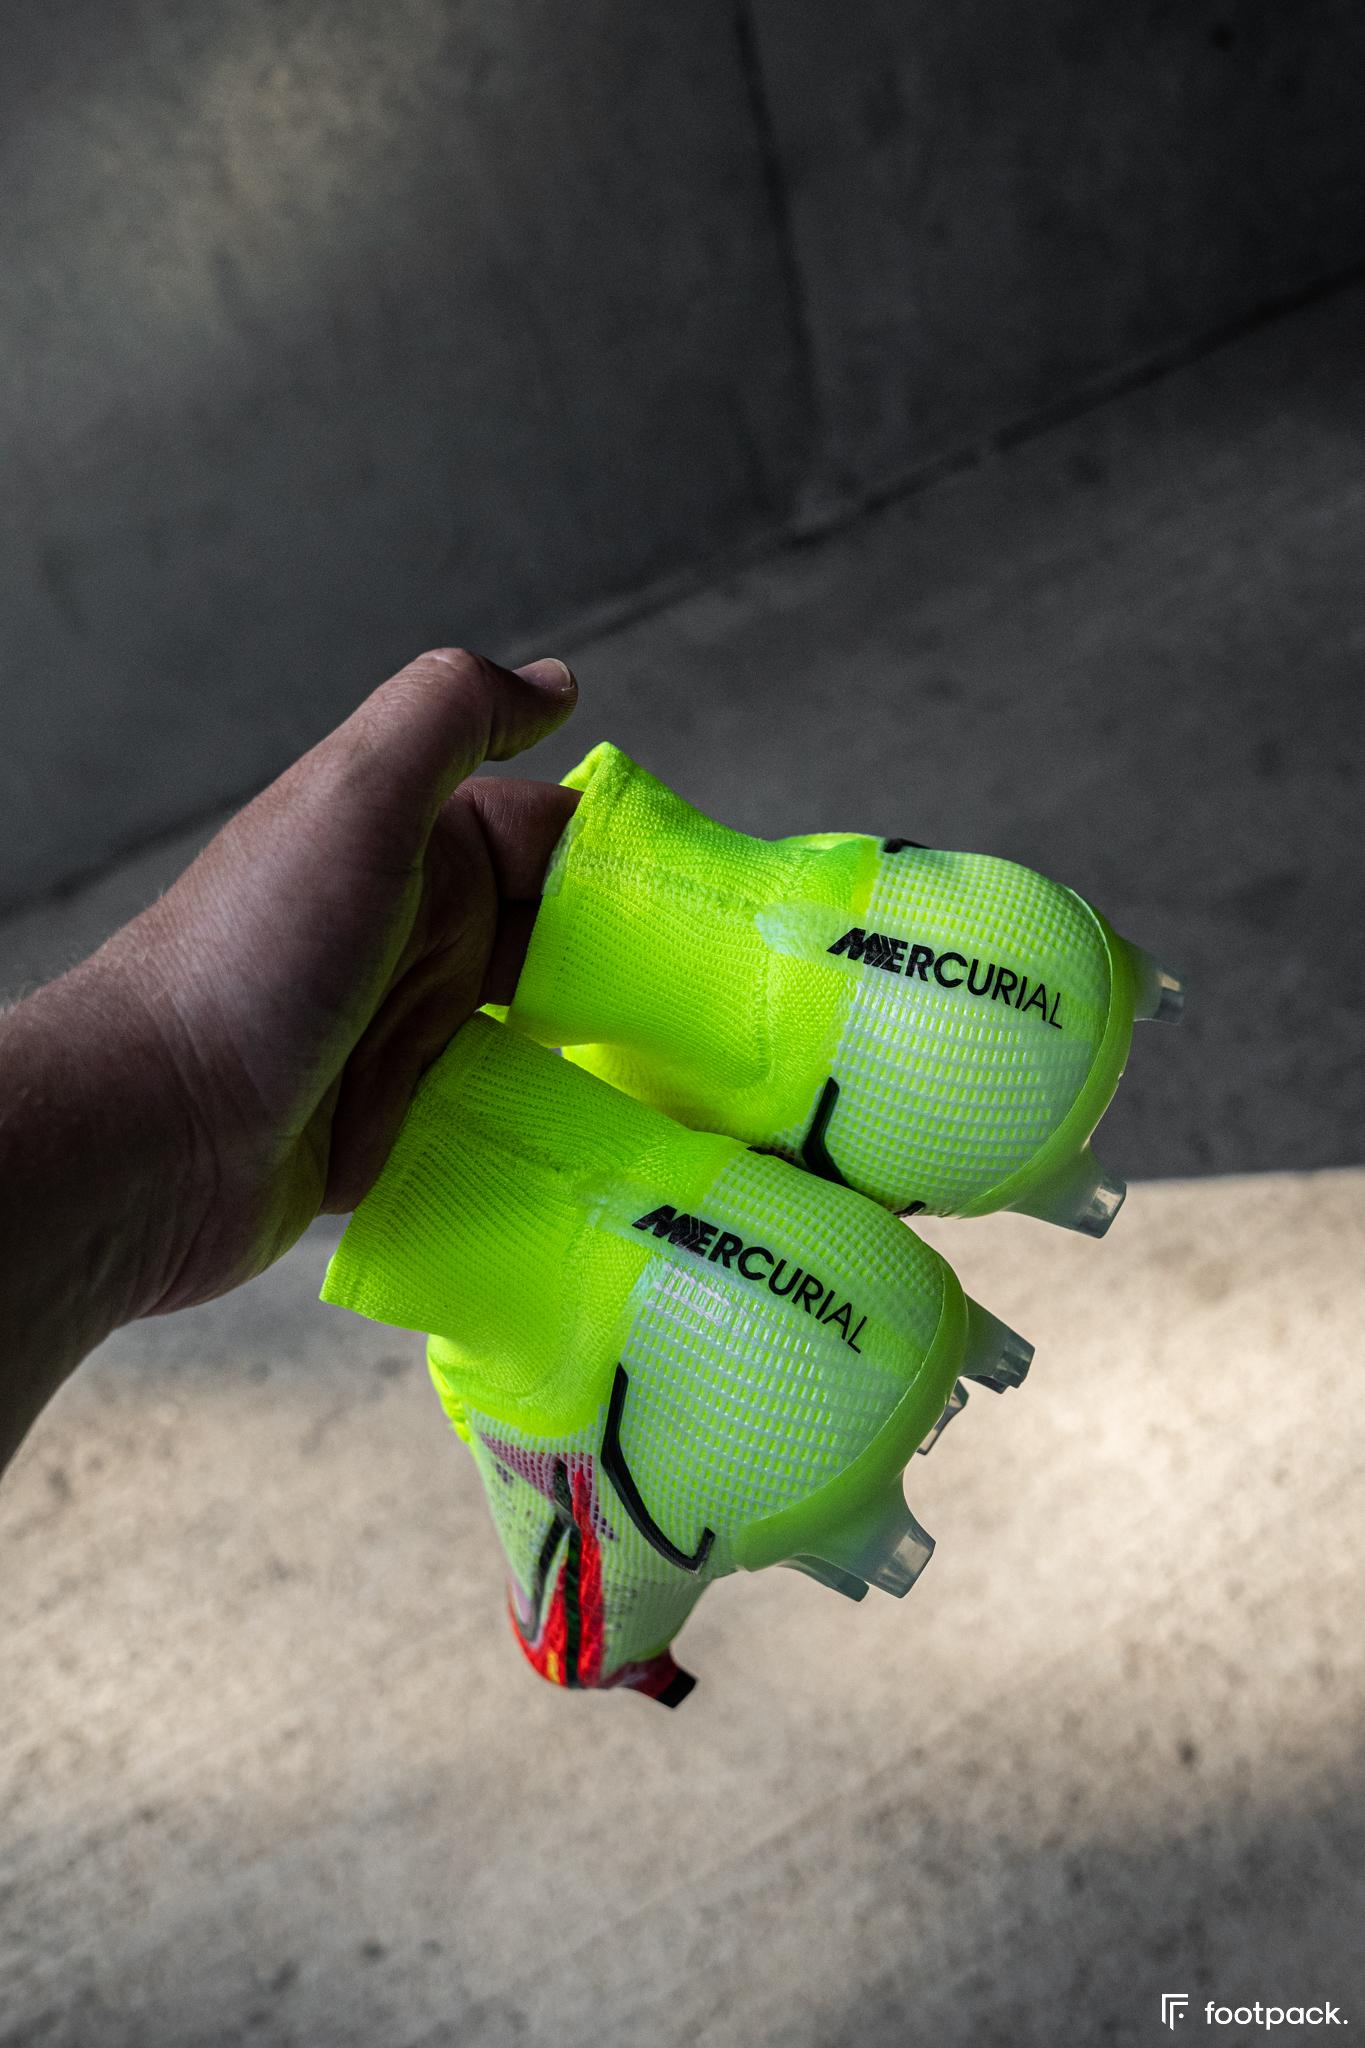 Nike Mercurial Superfly 8 Motivation Pack - footpack